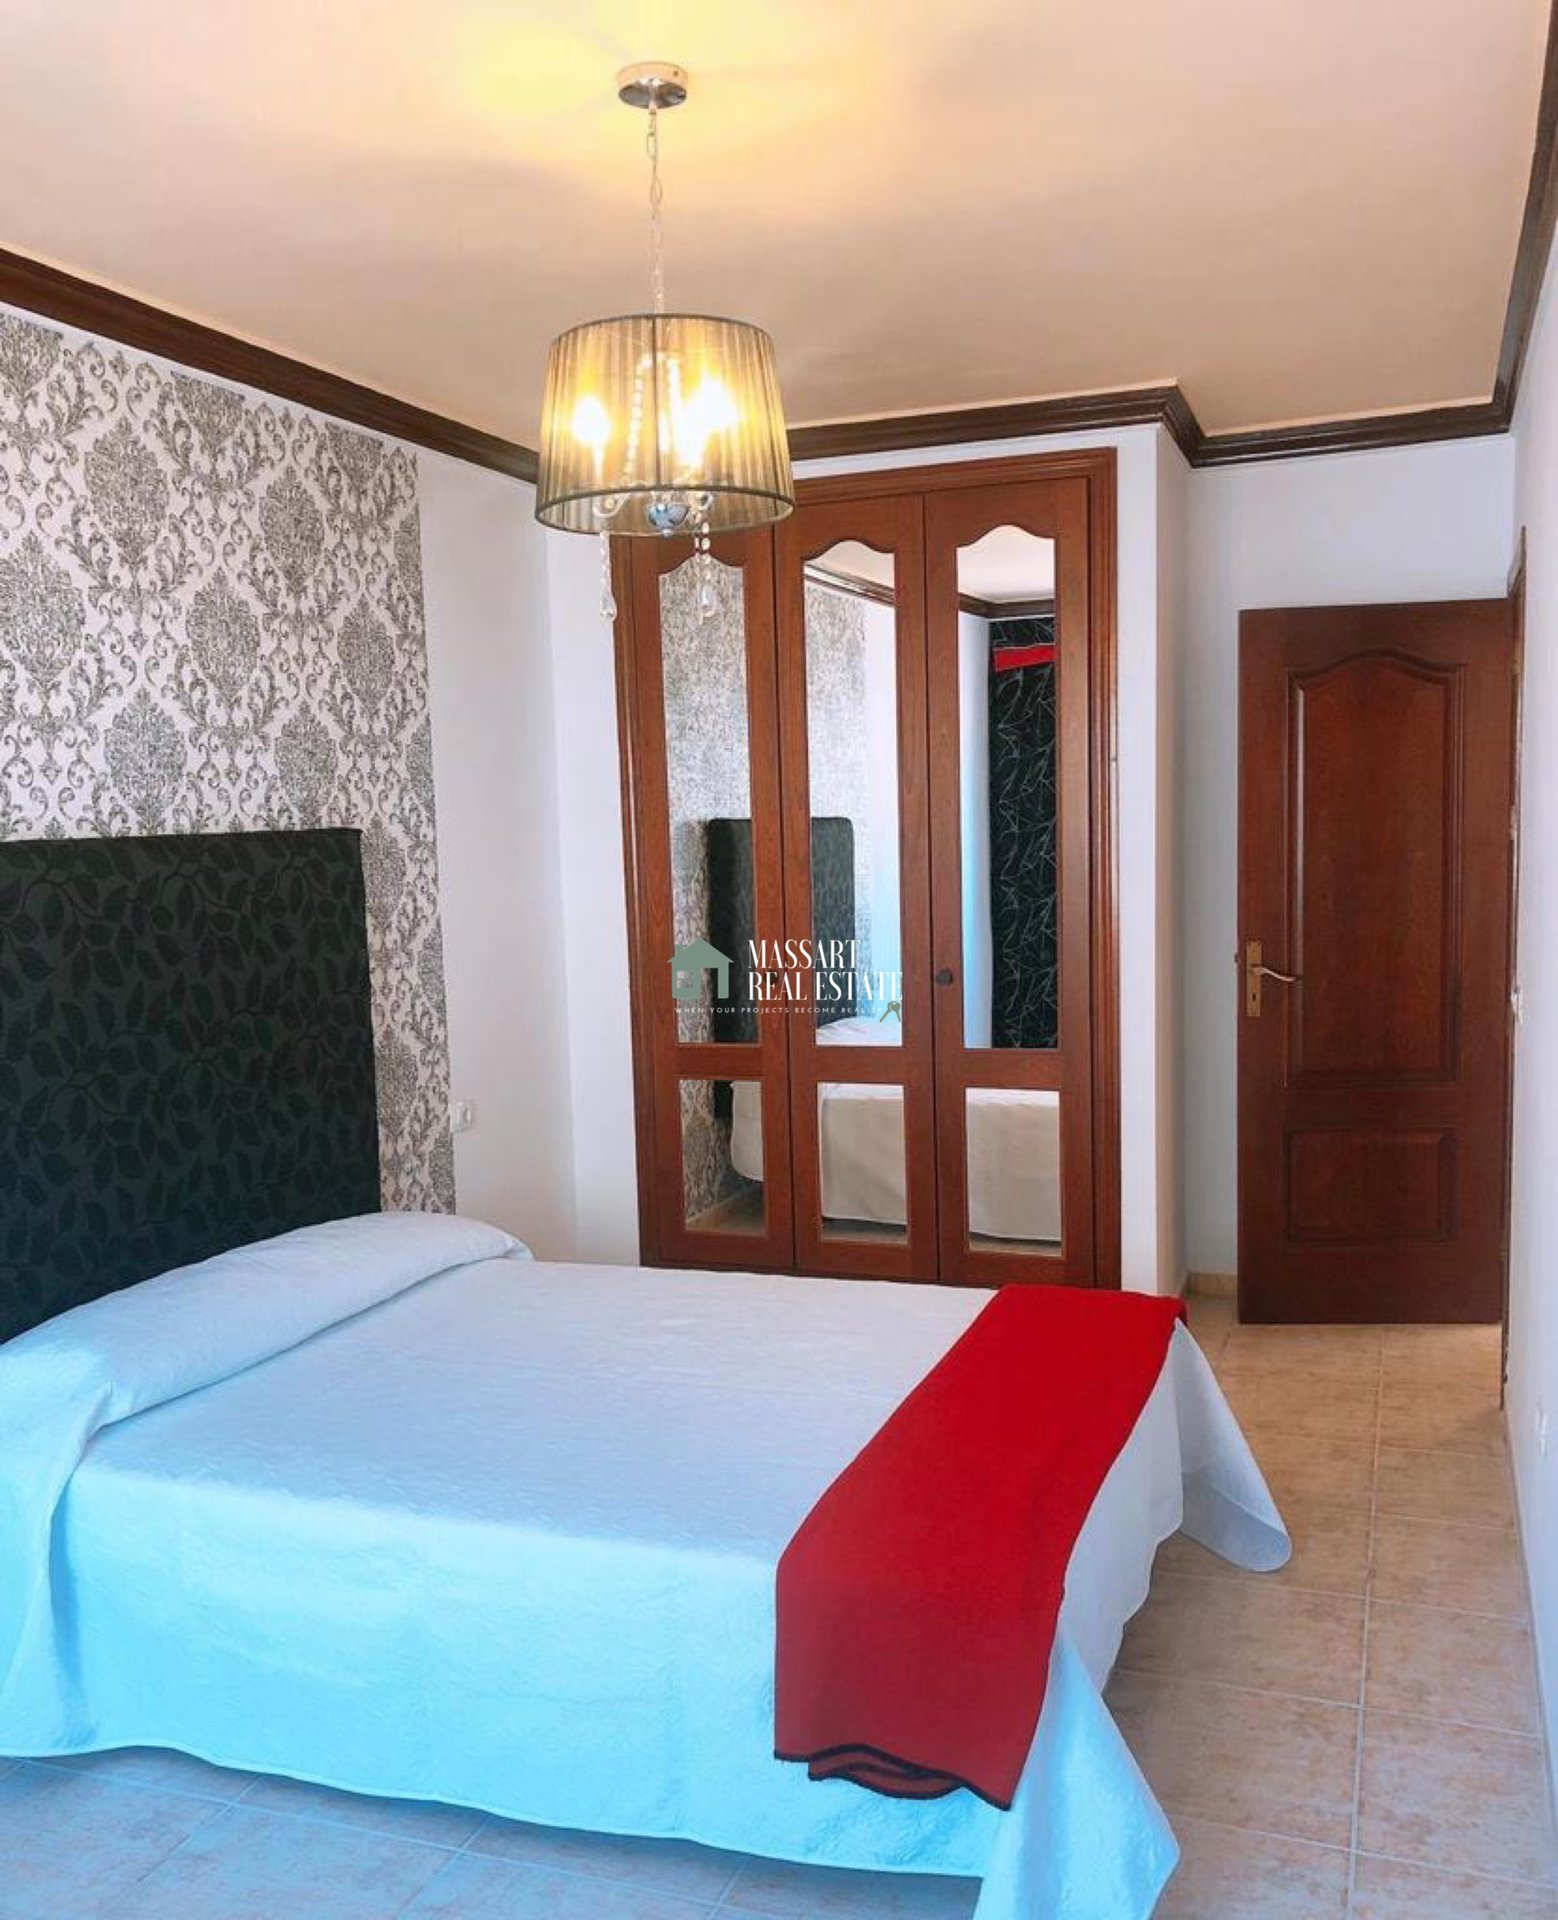 Appartement entièrement meublé caractérisé par son bon état de conservation et son emplacement stratégique, dans la ville de Fañabé (Adeje).